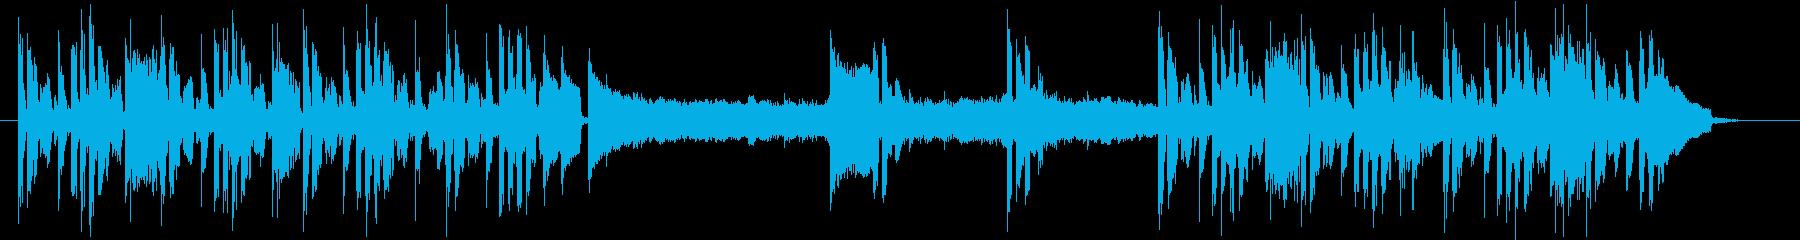 ミステリー・サスペンスの日常曲の再生済みの波形